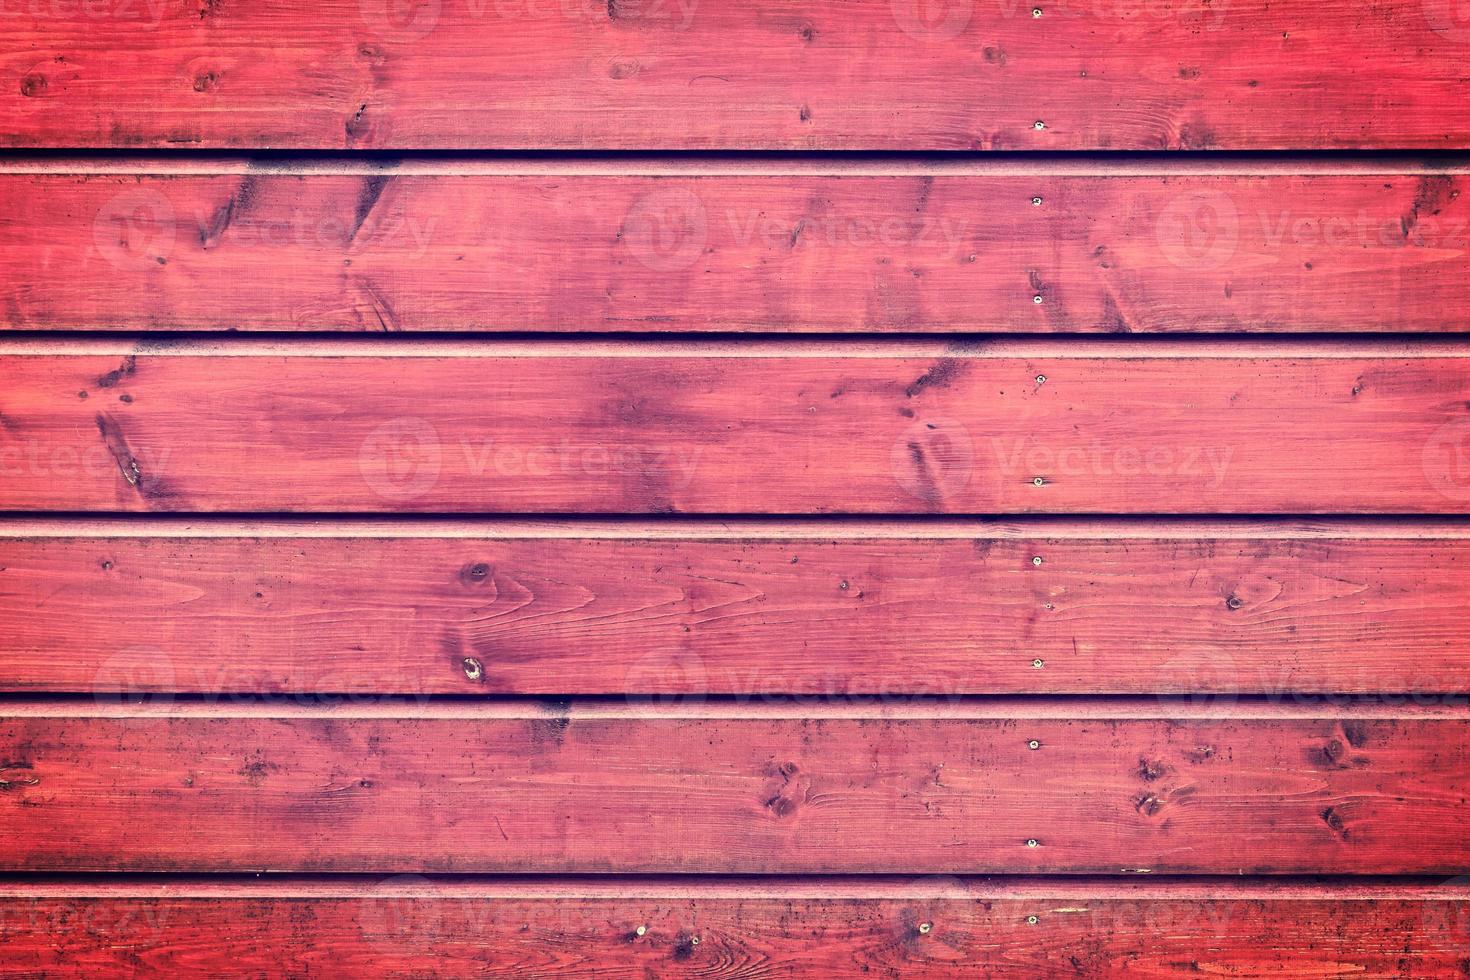 la textura de madera roja con patrones naturales foto